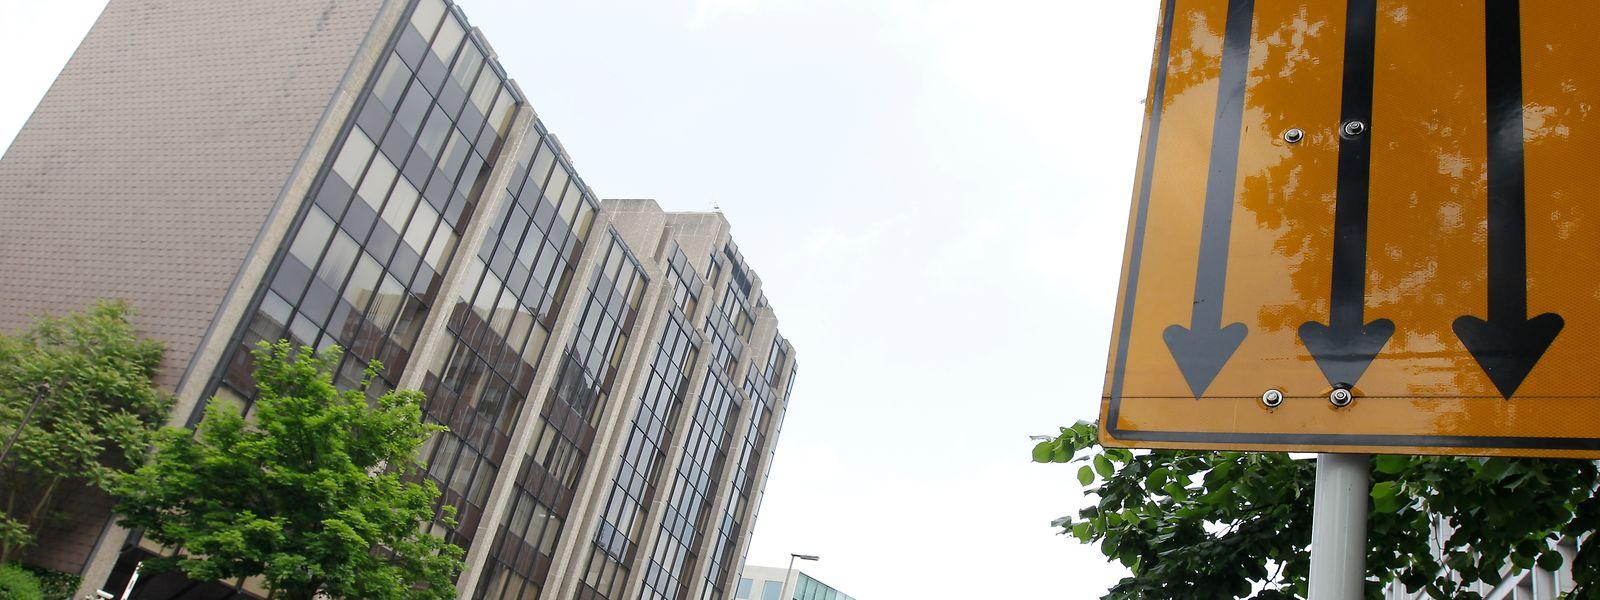 Für den Finanzplatz Luxemburg brechen 2008 schwere Zeiten an. Durch die Weltwirtschaftskrise stehen die Zeichen nach 20 Jahren Wachstum erstmals wieder nach unten.